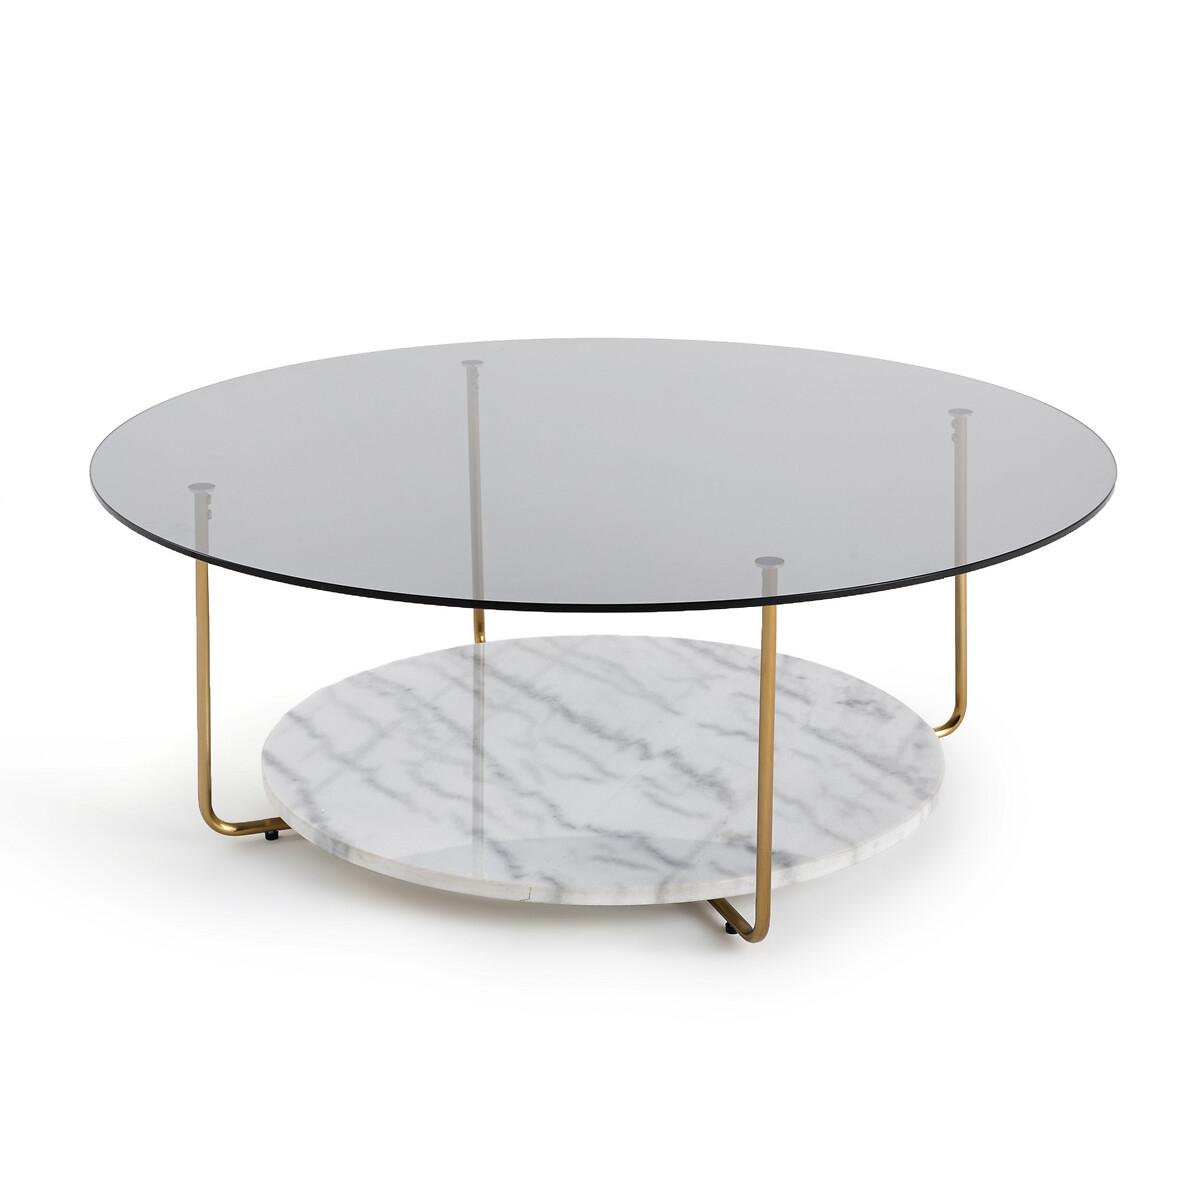 Стол La Redoute Журнальный из мрамора и стекла Moricio единый размер белый